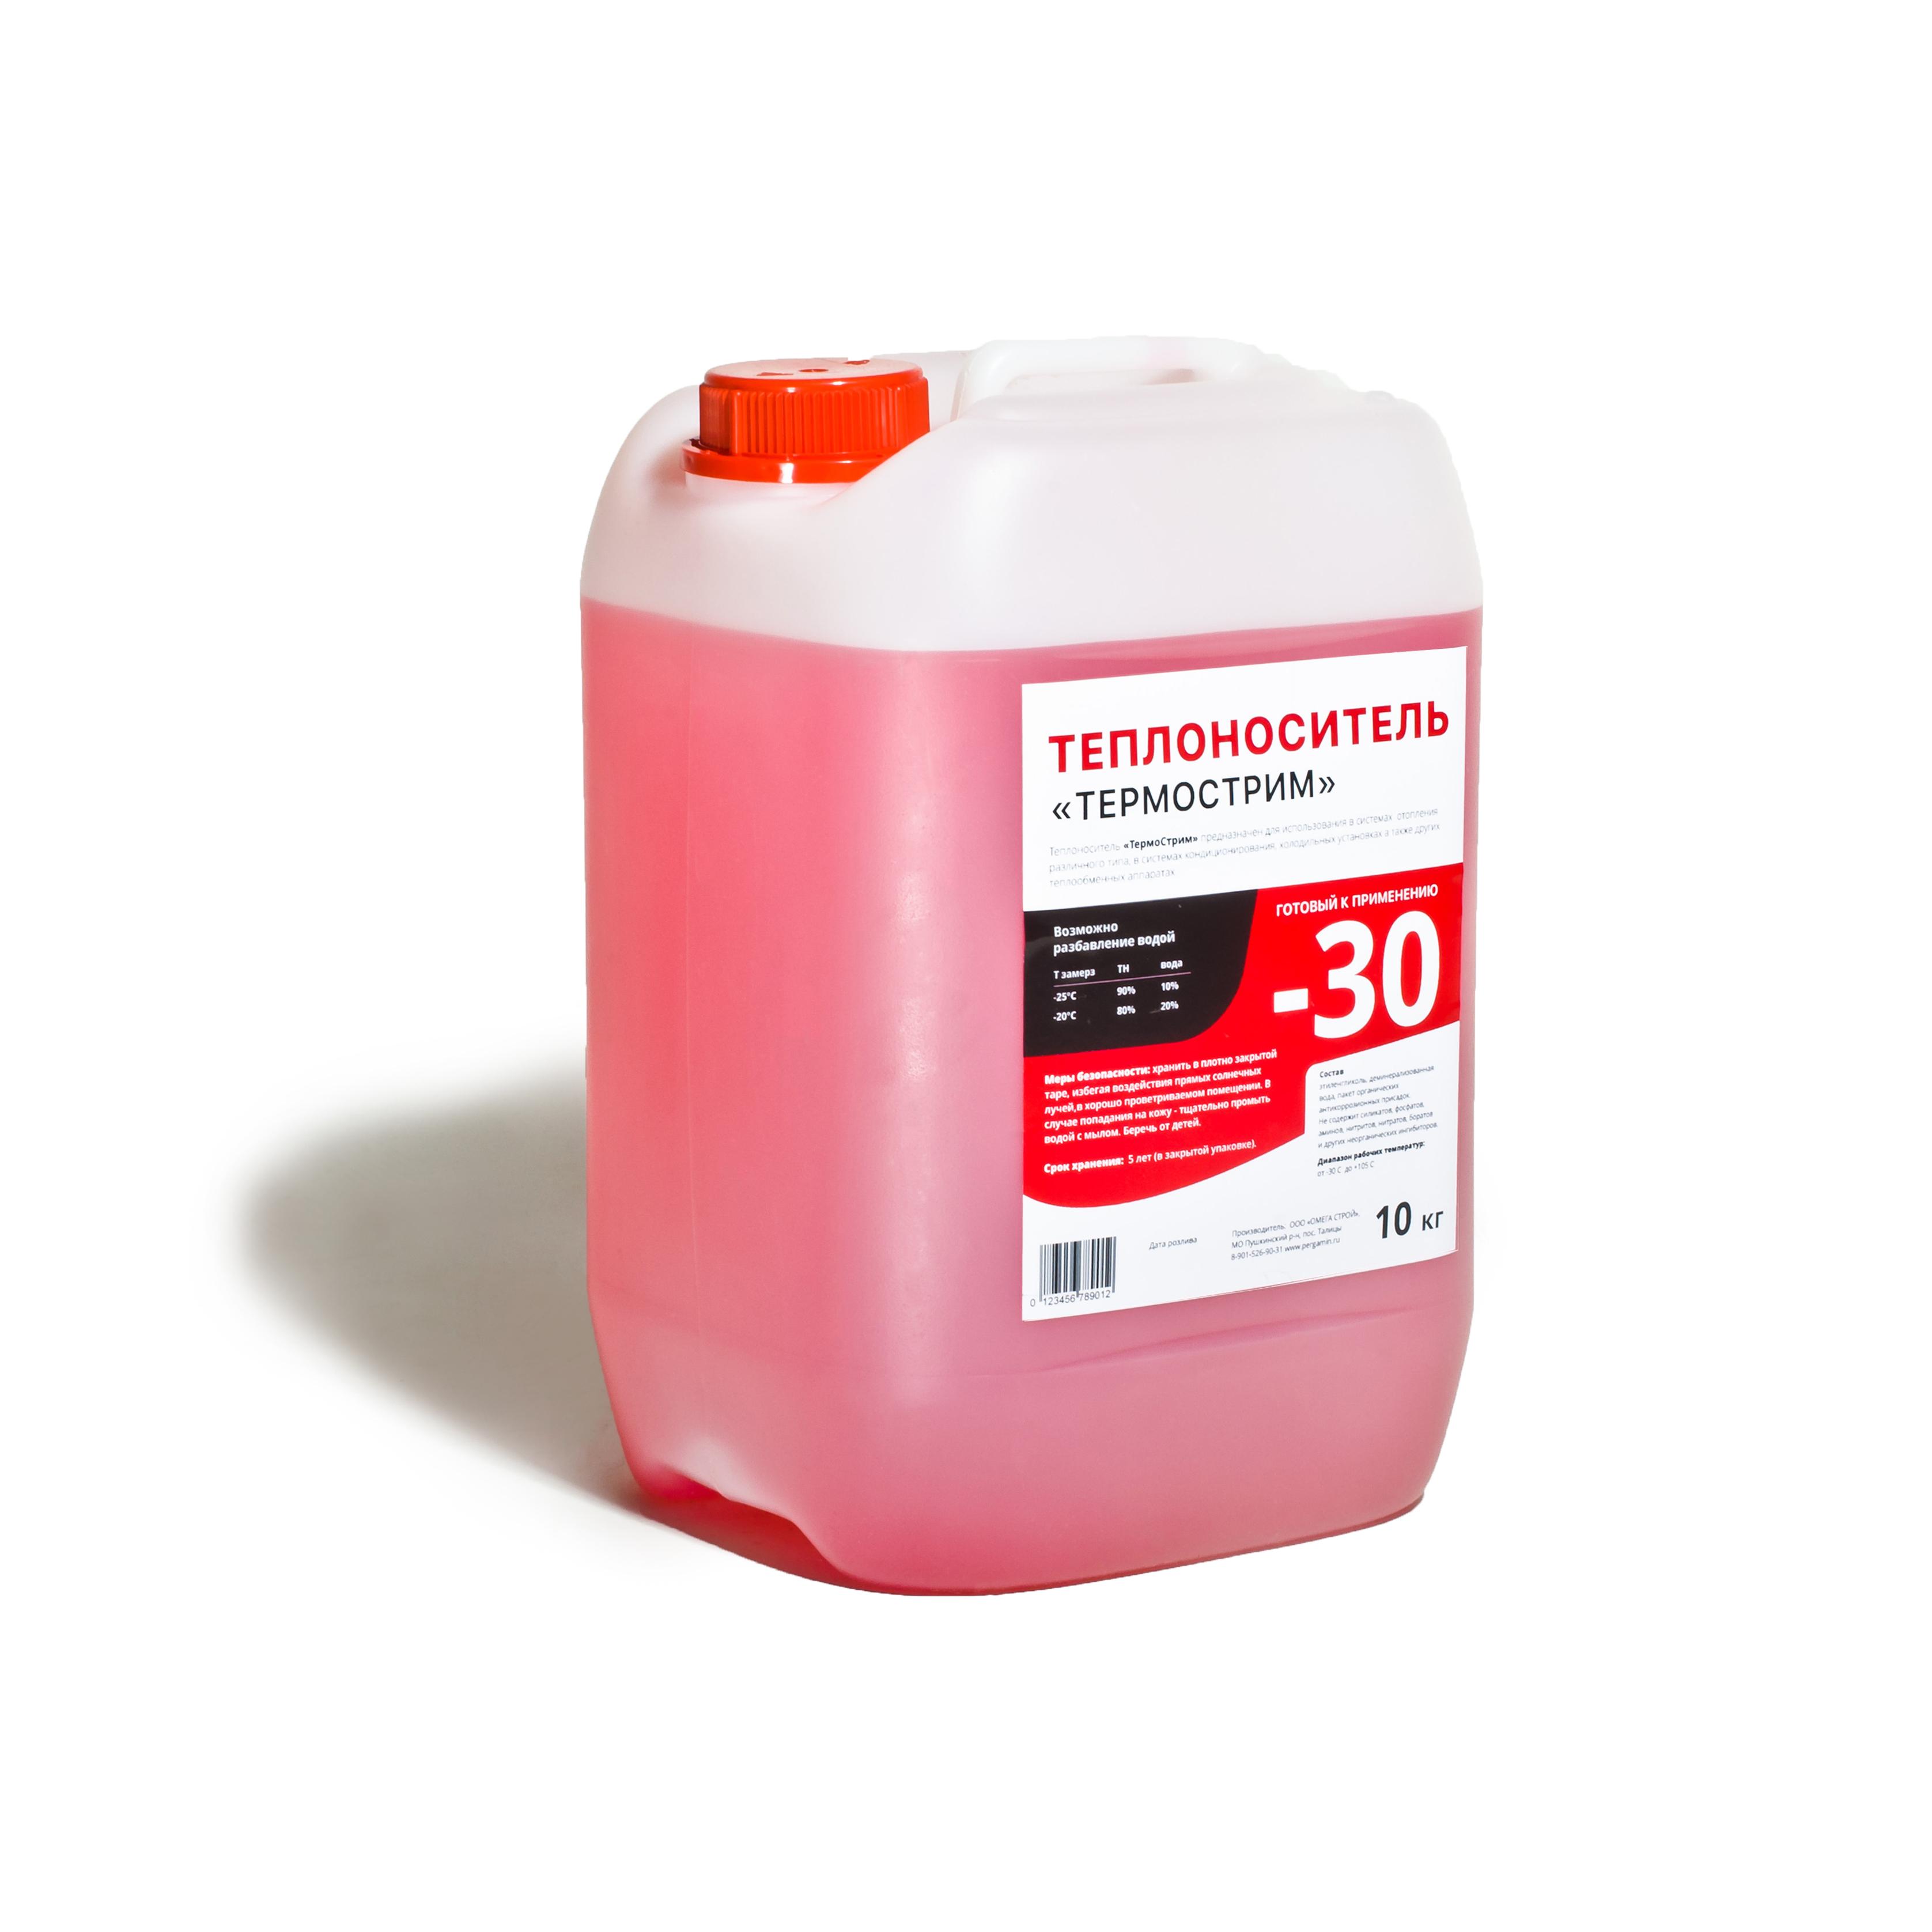 Термострим 30, 10 кг